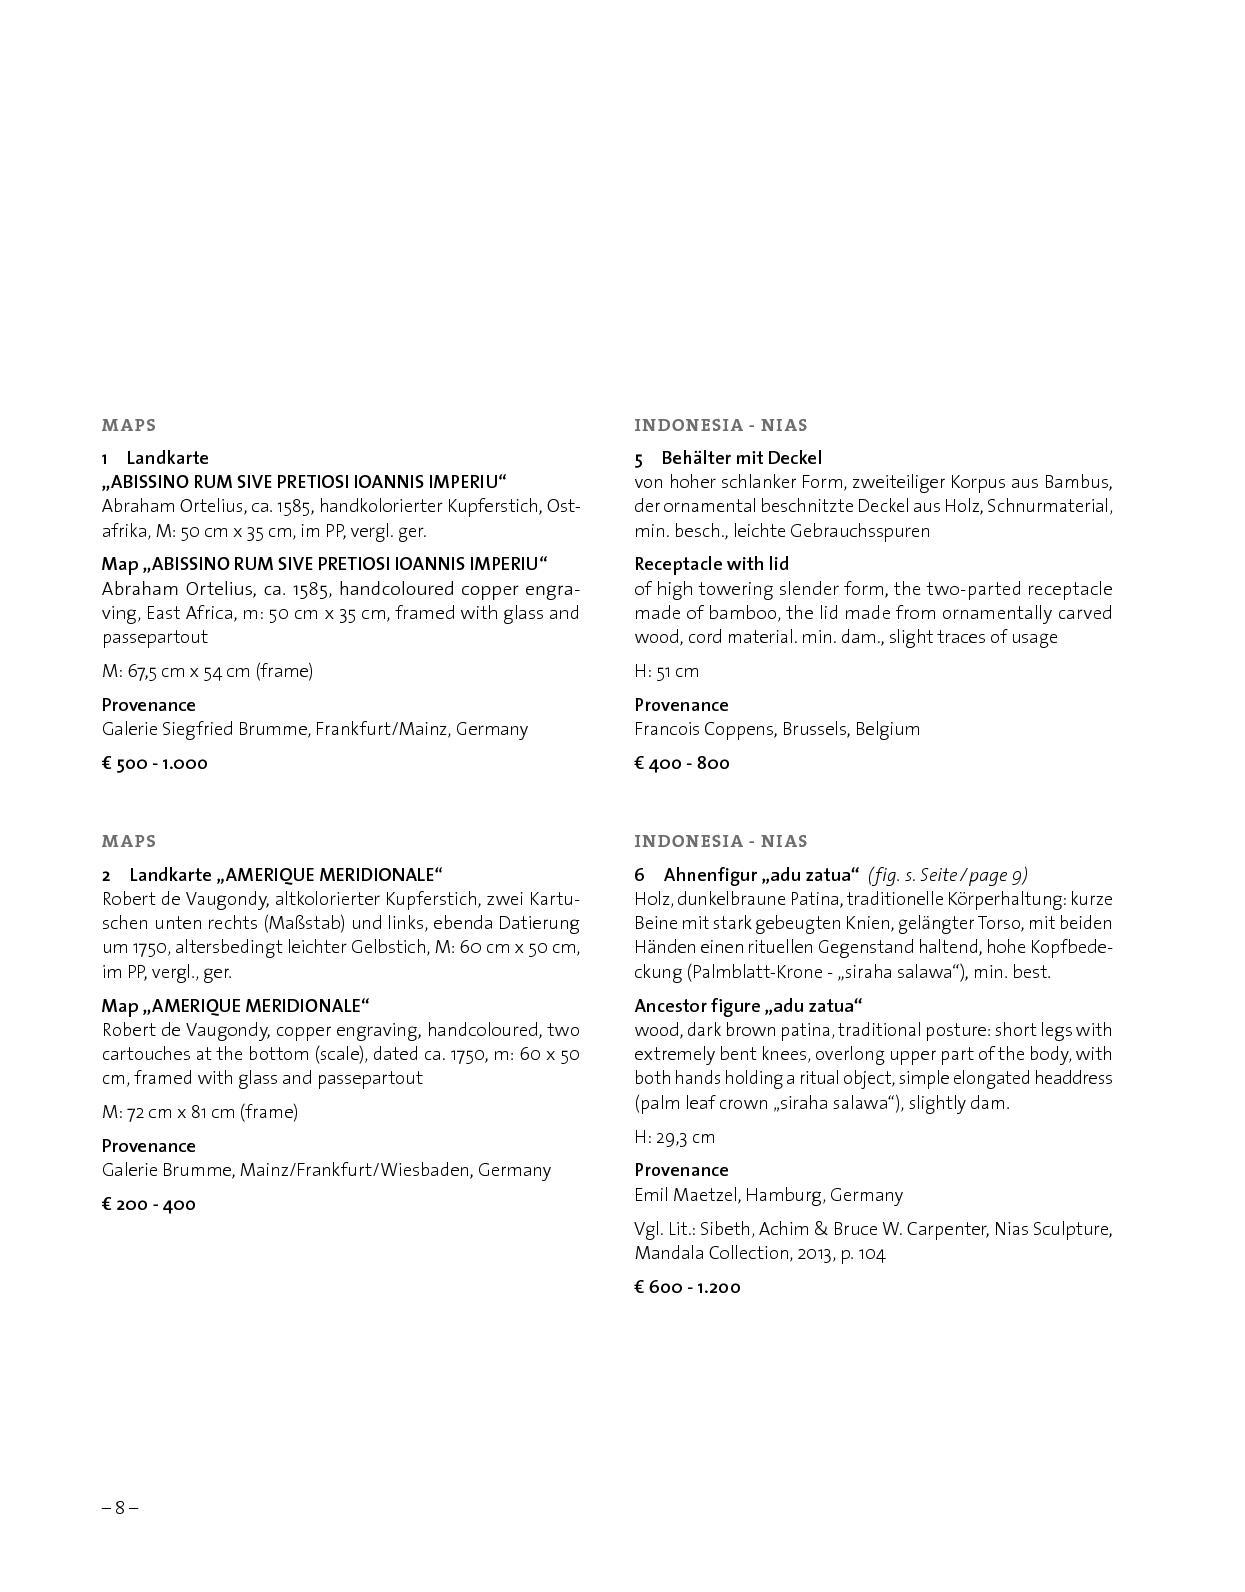 Tribalart 79 21 Mars 2015 Calameo Downloader